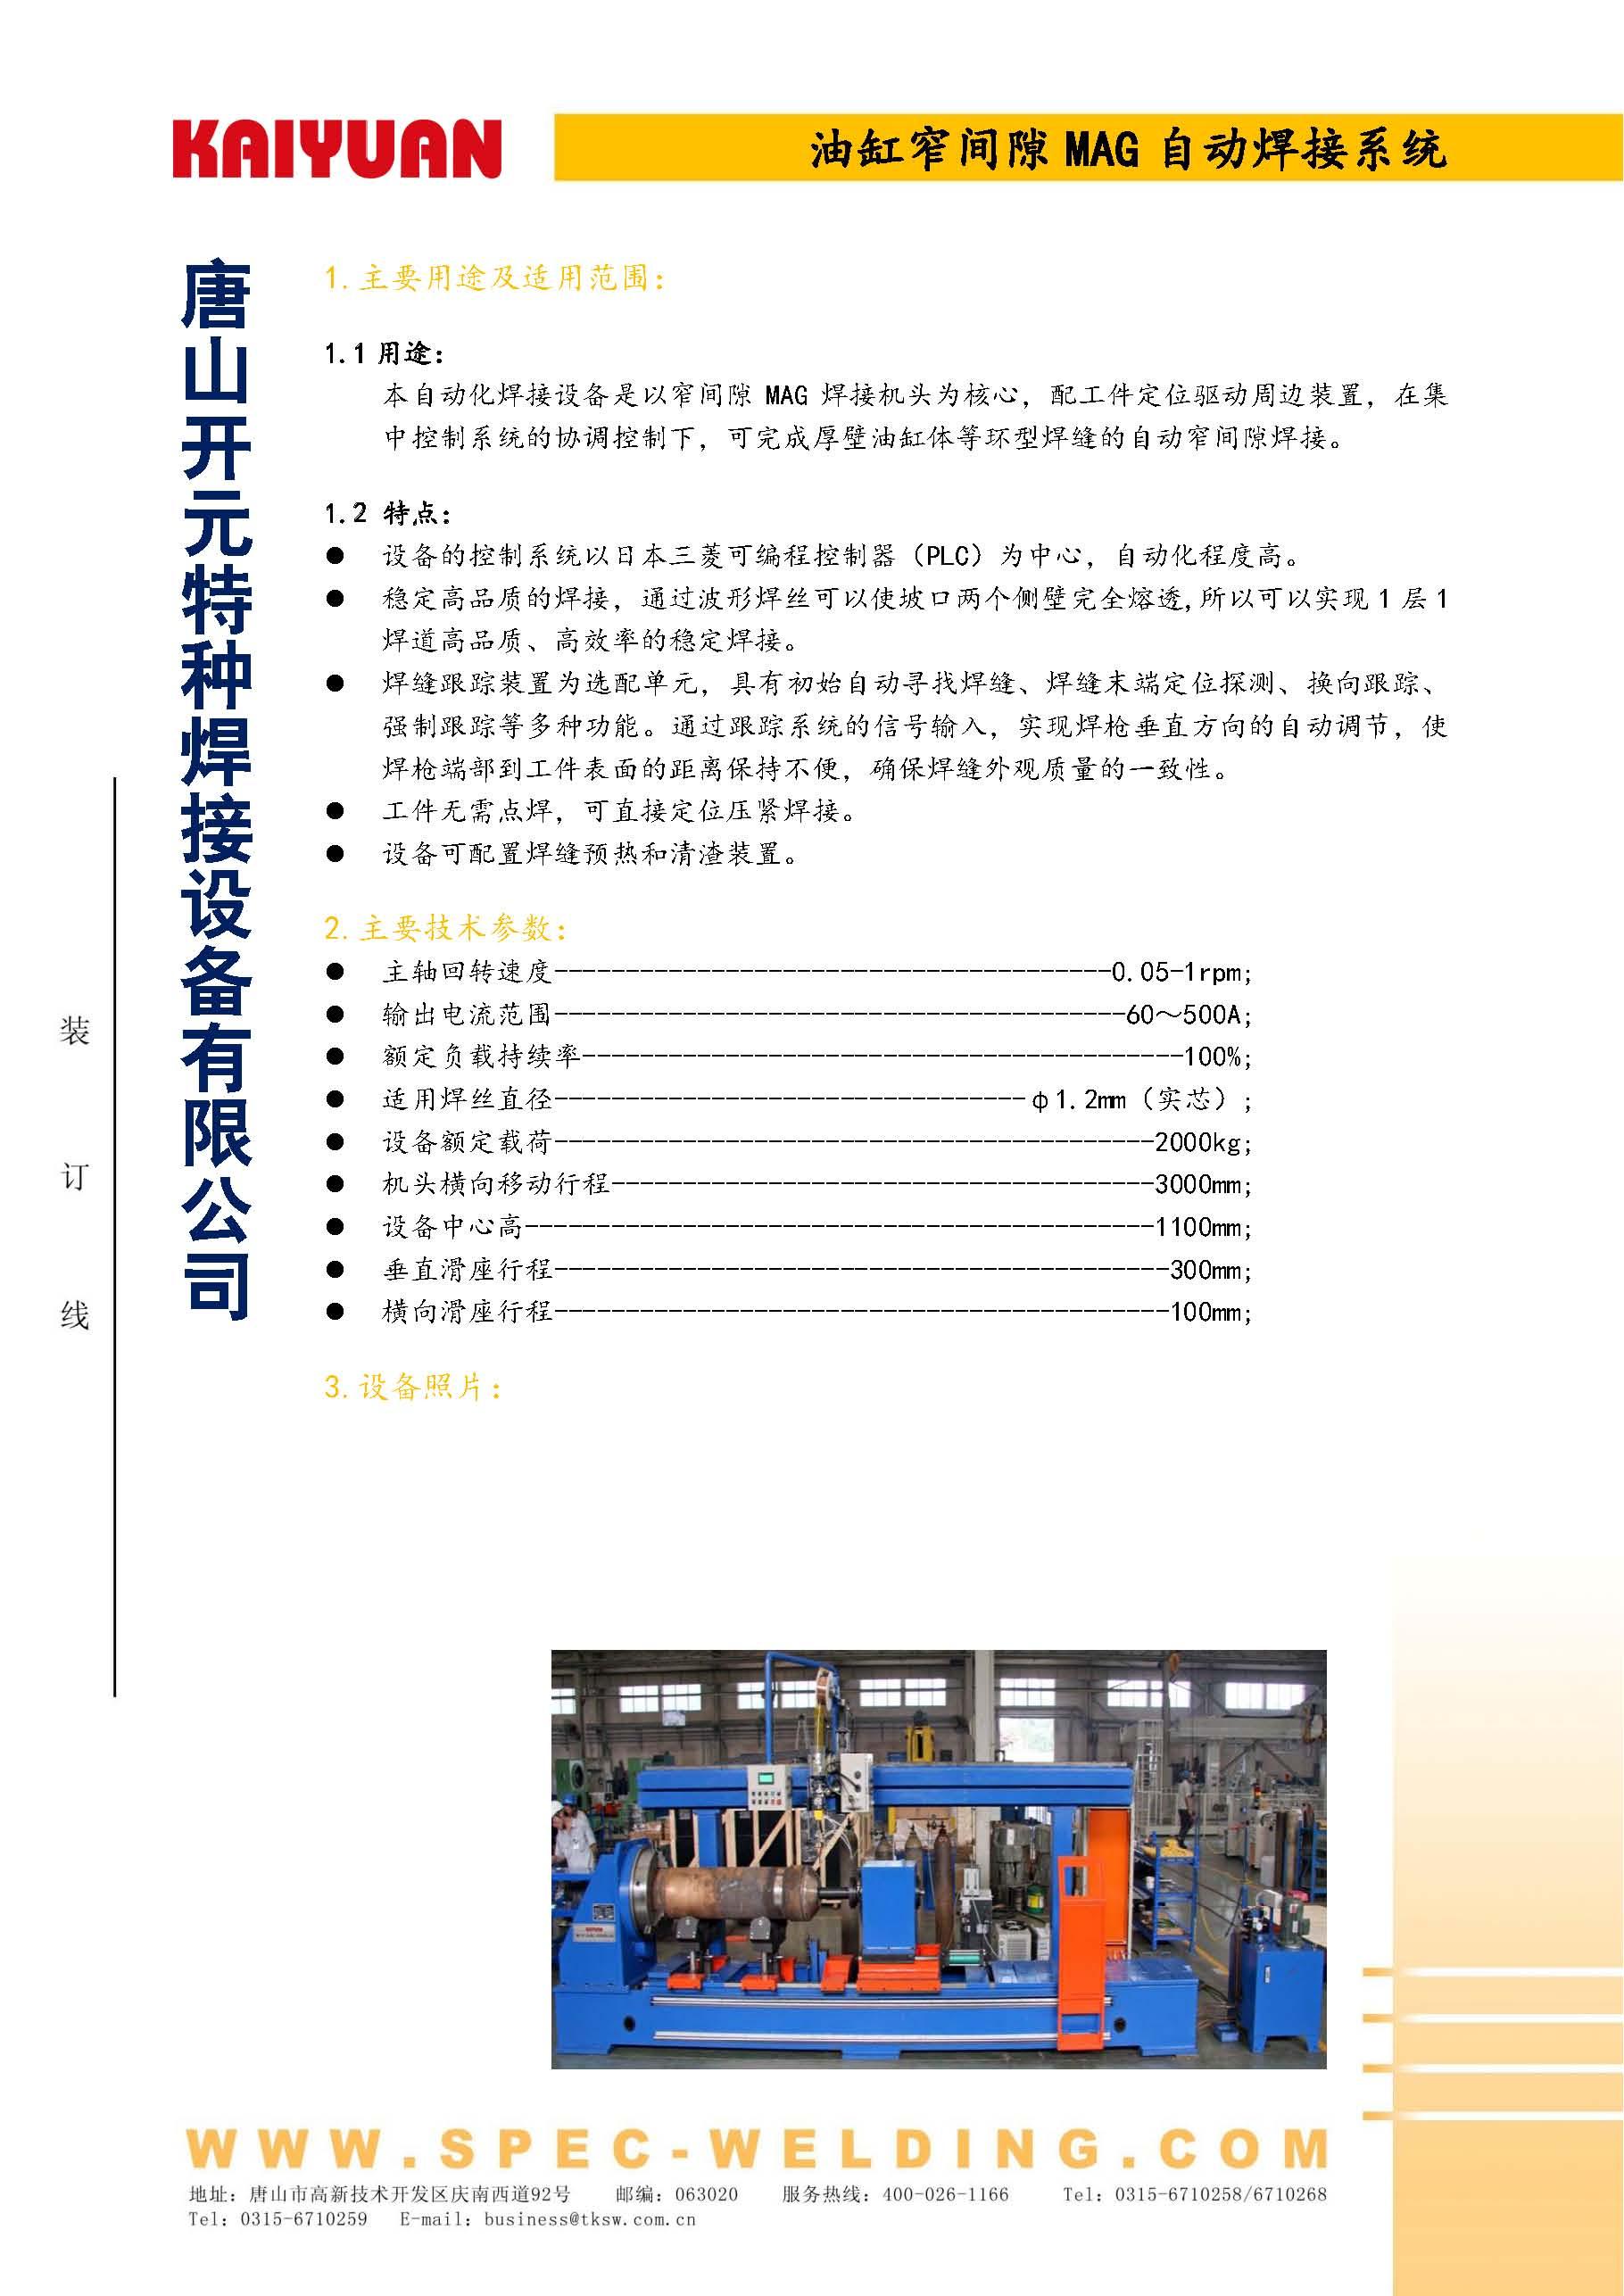 窄间隙MAG焊机系列彩页